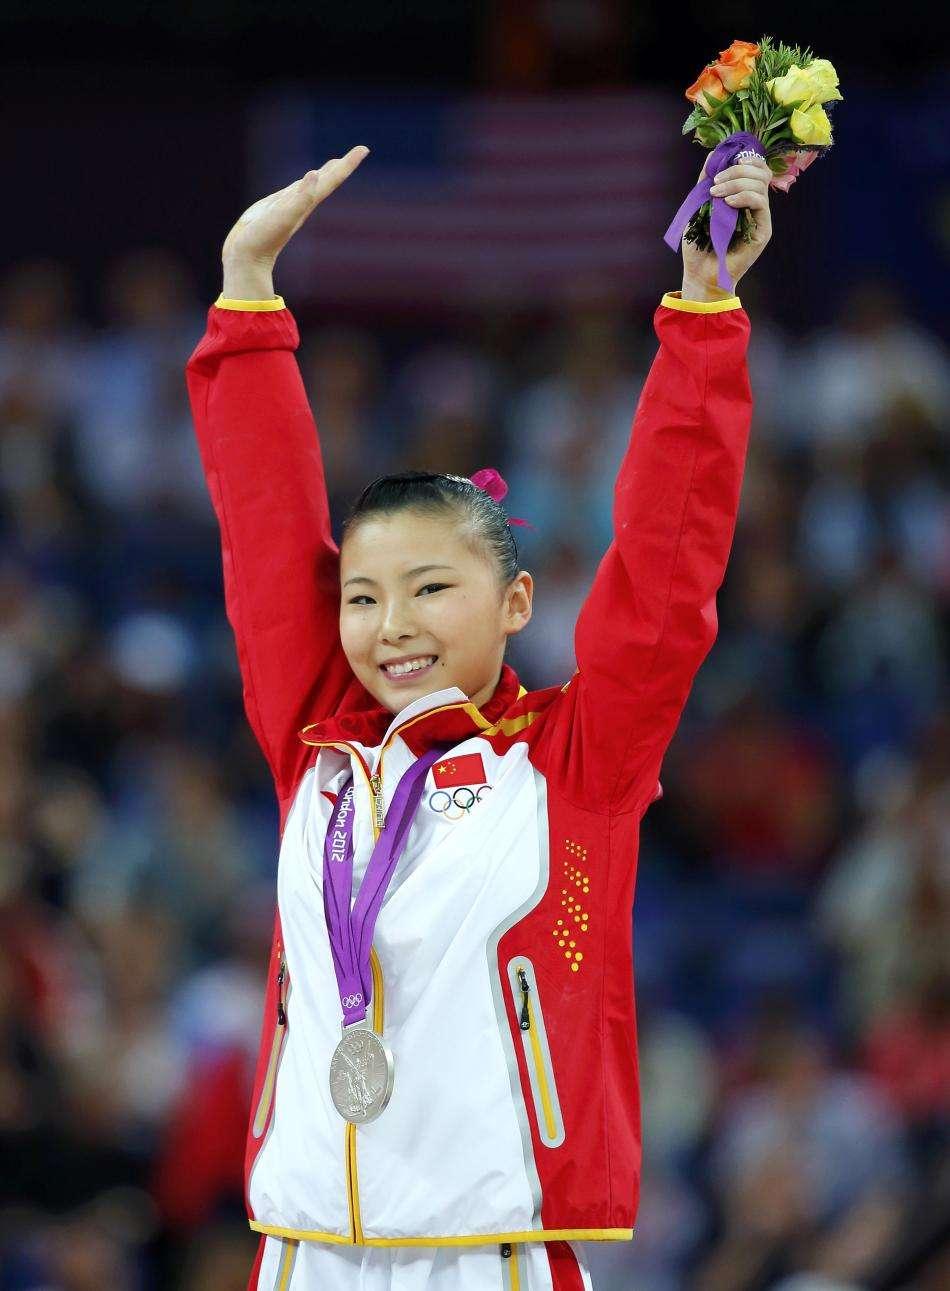 28岁奥运冠军何可欣,退役身体二次发育,近照美出新高度